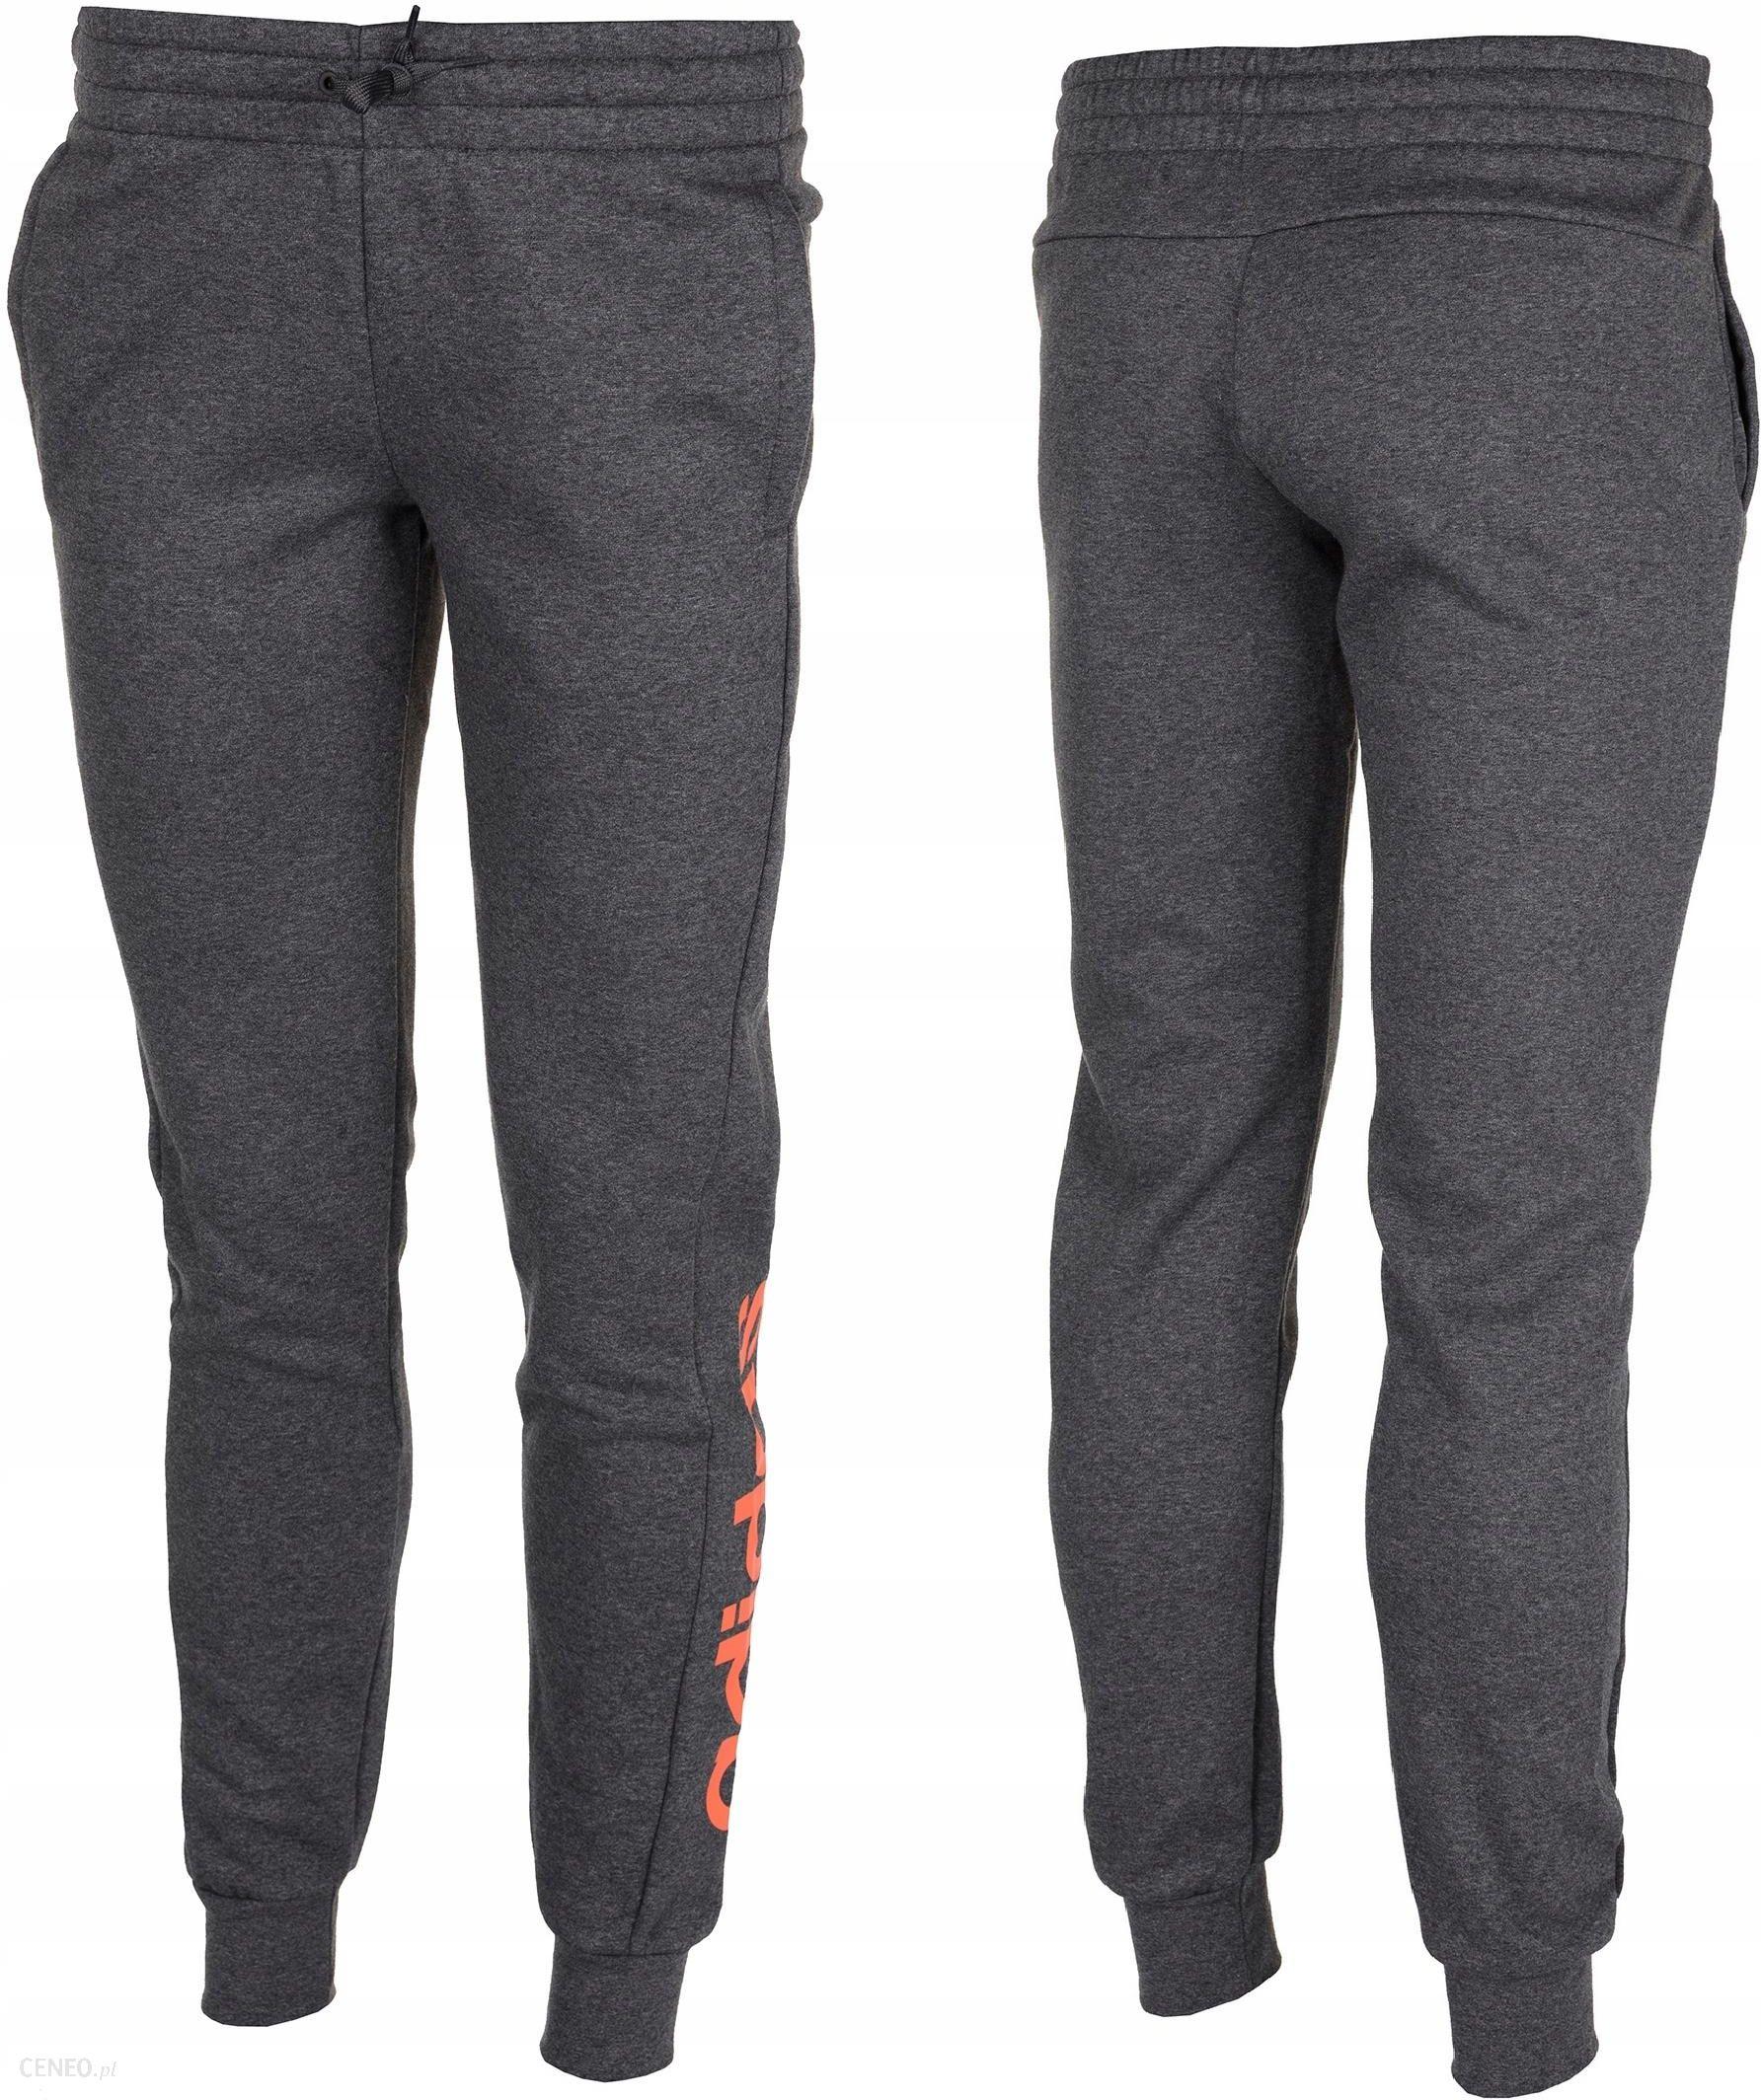 Spodnie damskie adidas Essentials Linear r.XXS Ceny i opinie Ceneo.pl